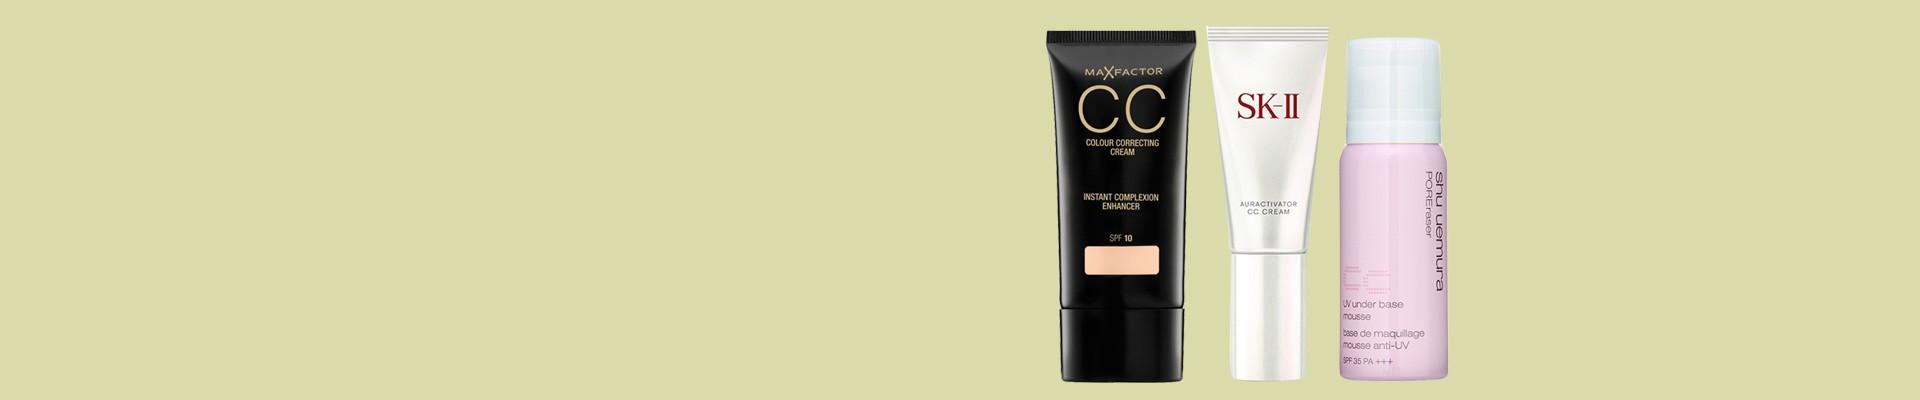 Jual CC Cream Terlengkap - Harga Terbaik